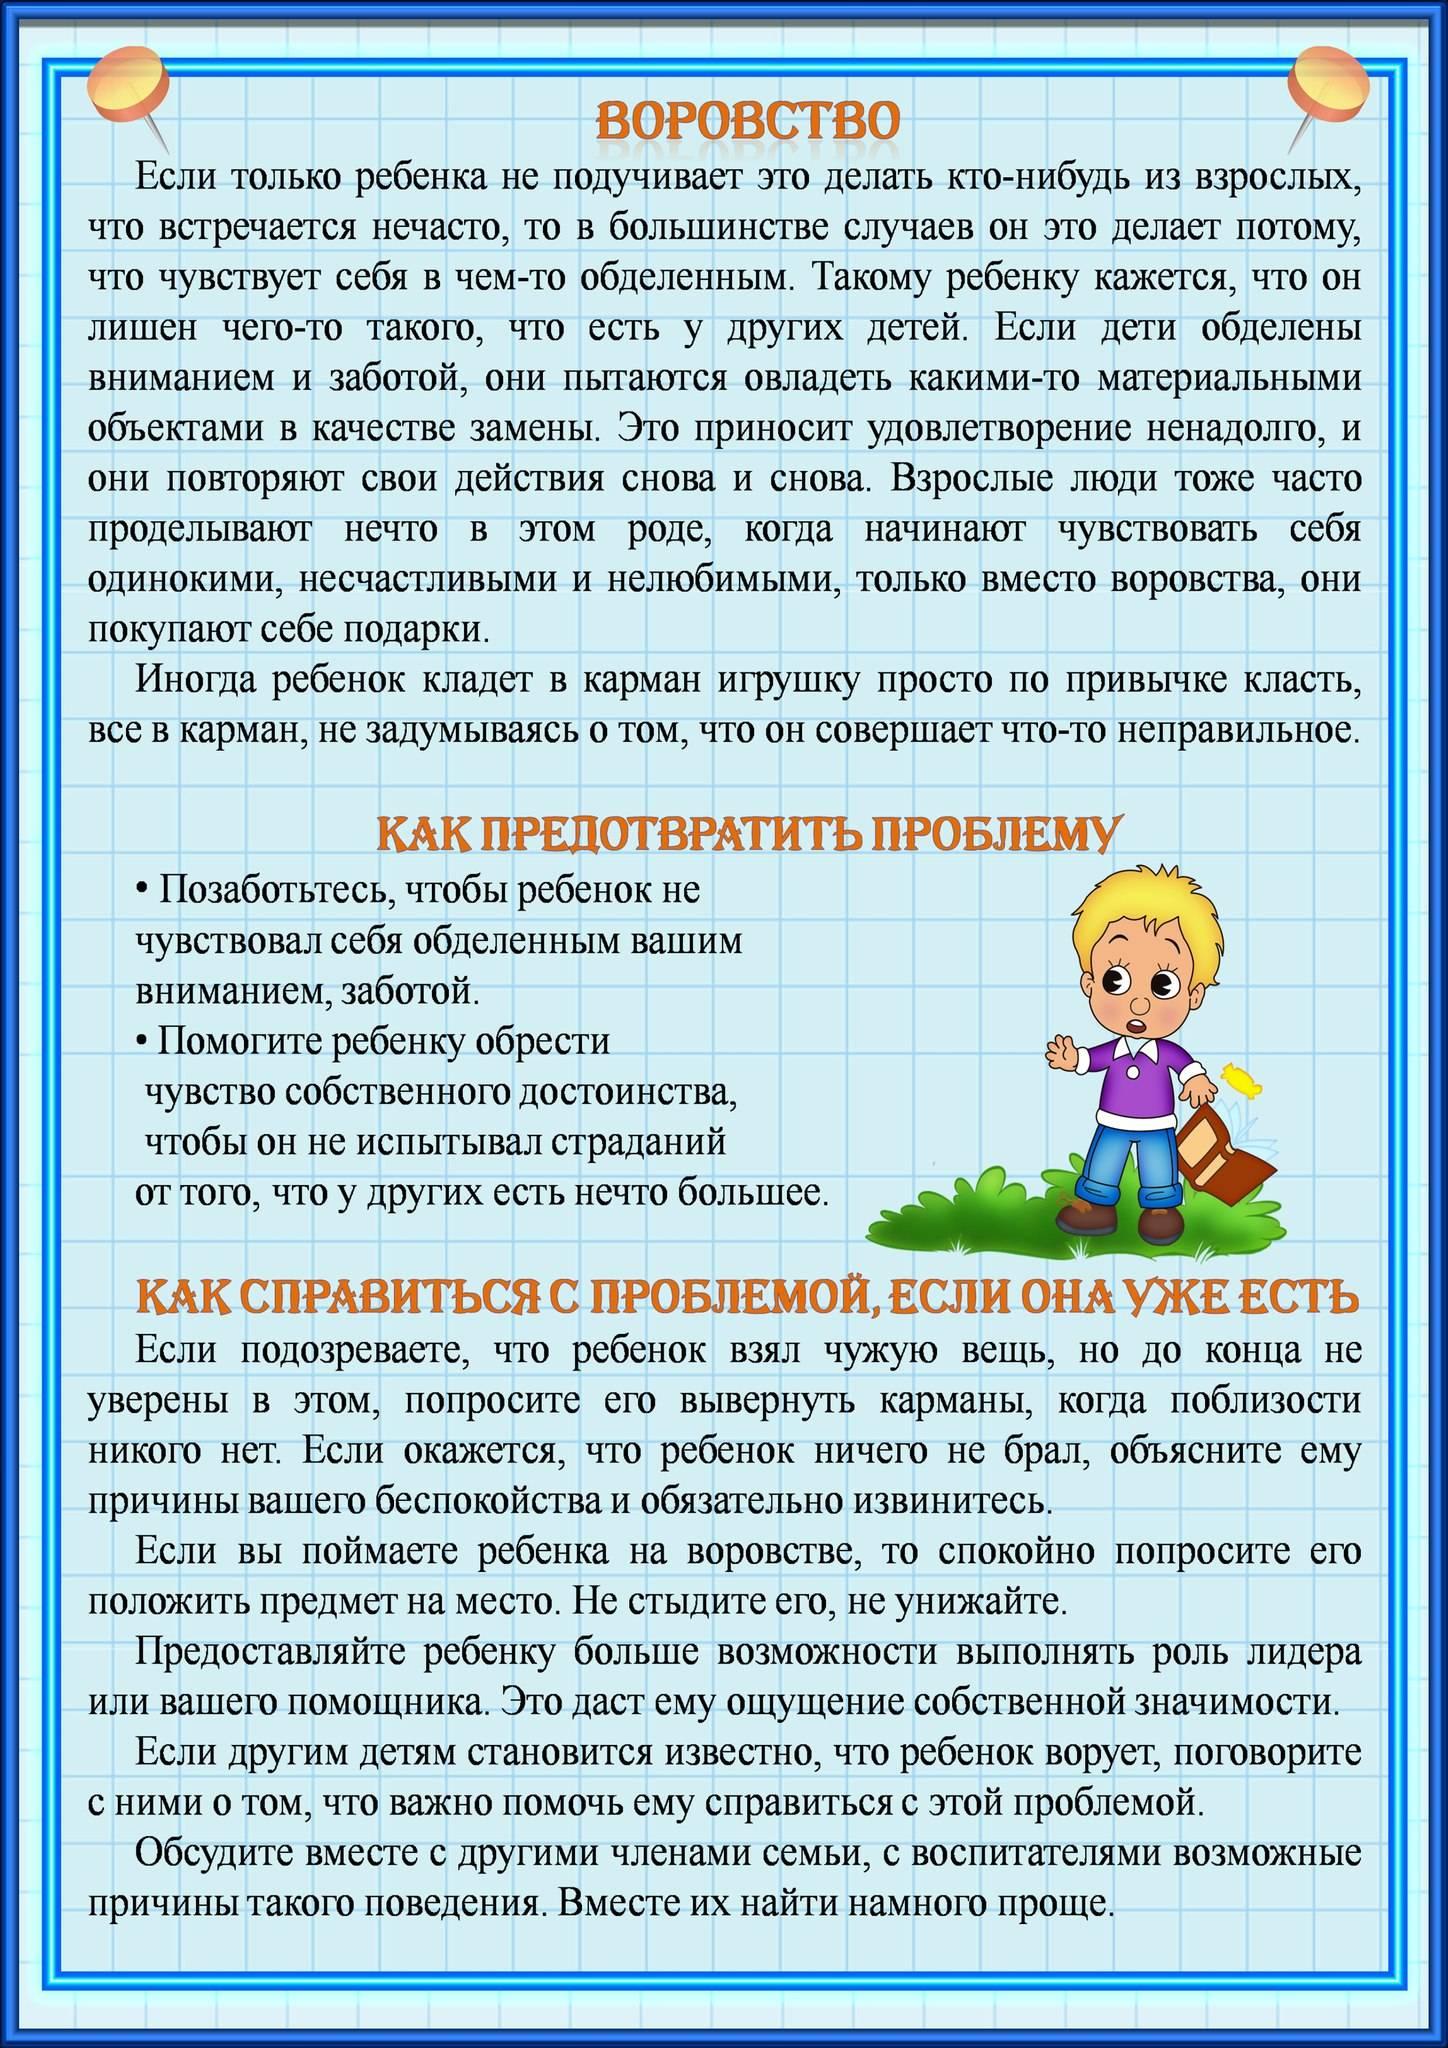 Как отучить ребенка воровать - эффективные методы и способы